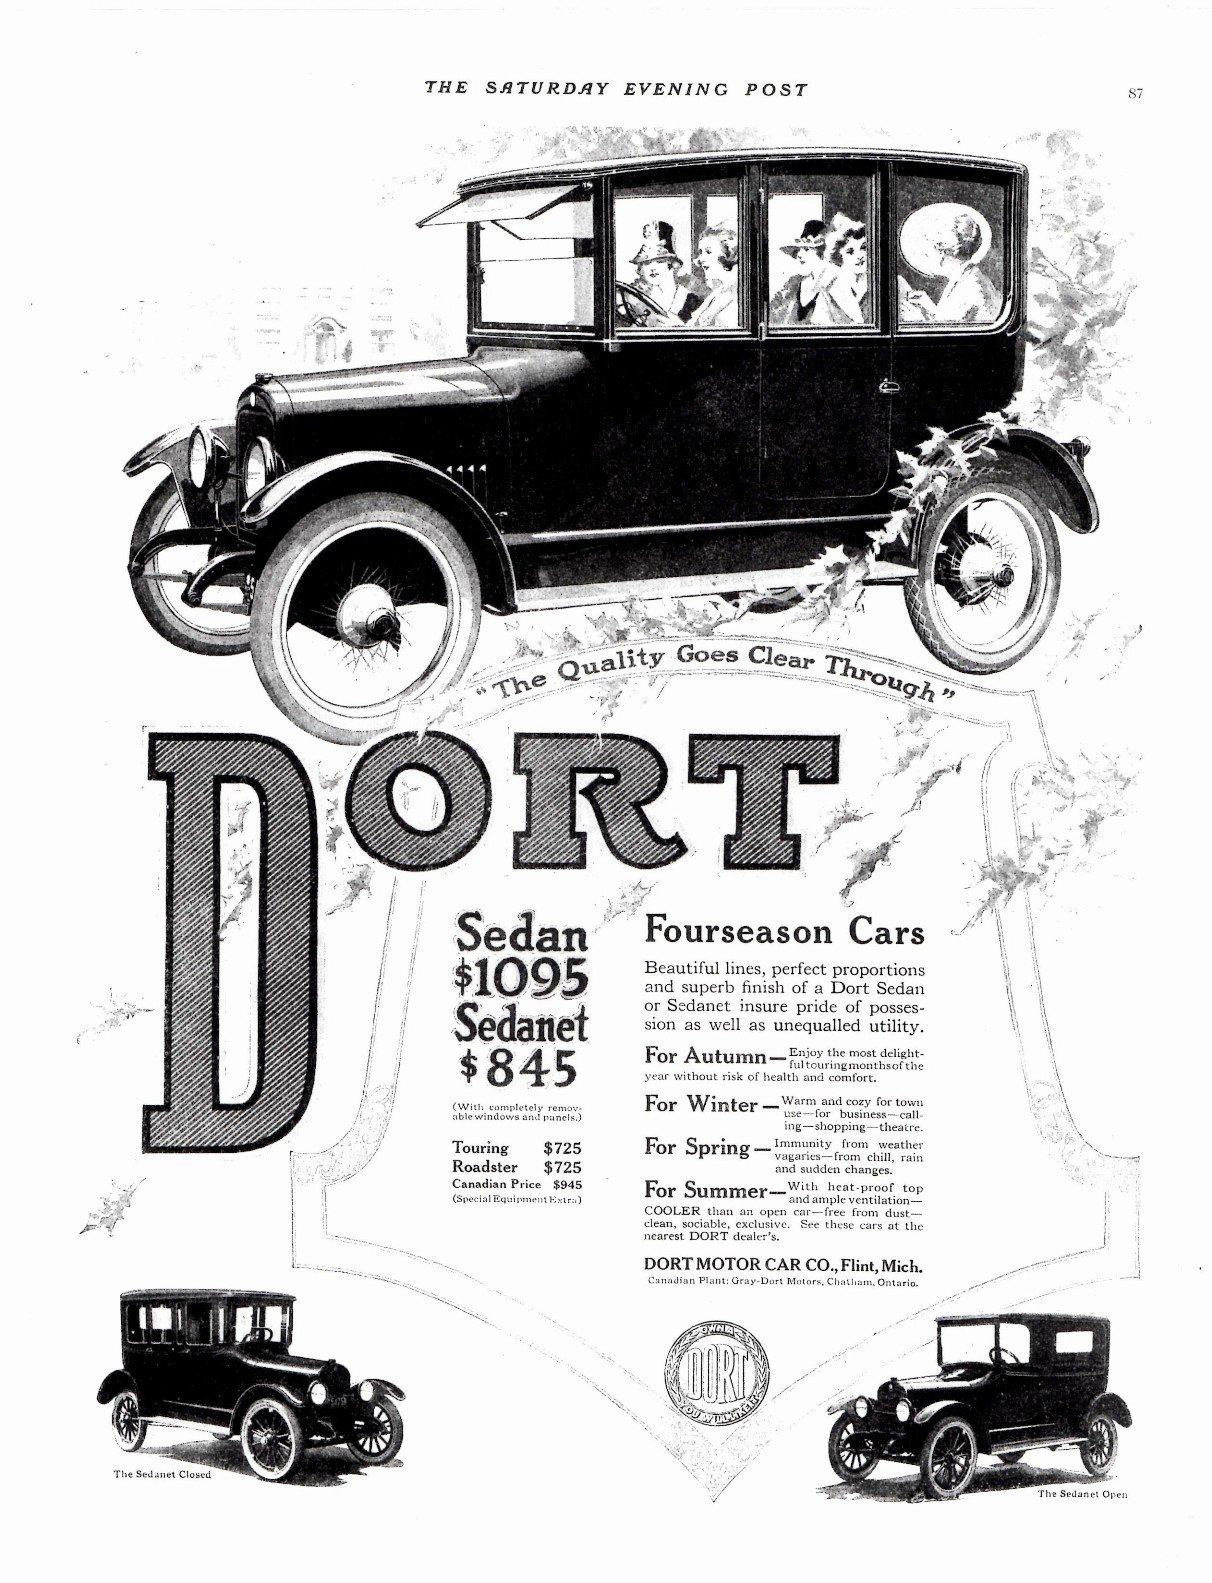 Pretty Old Car Companies Ideas - Classic Cars Ideas - boiq.info